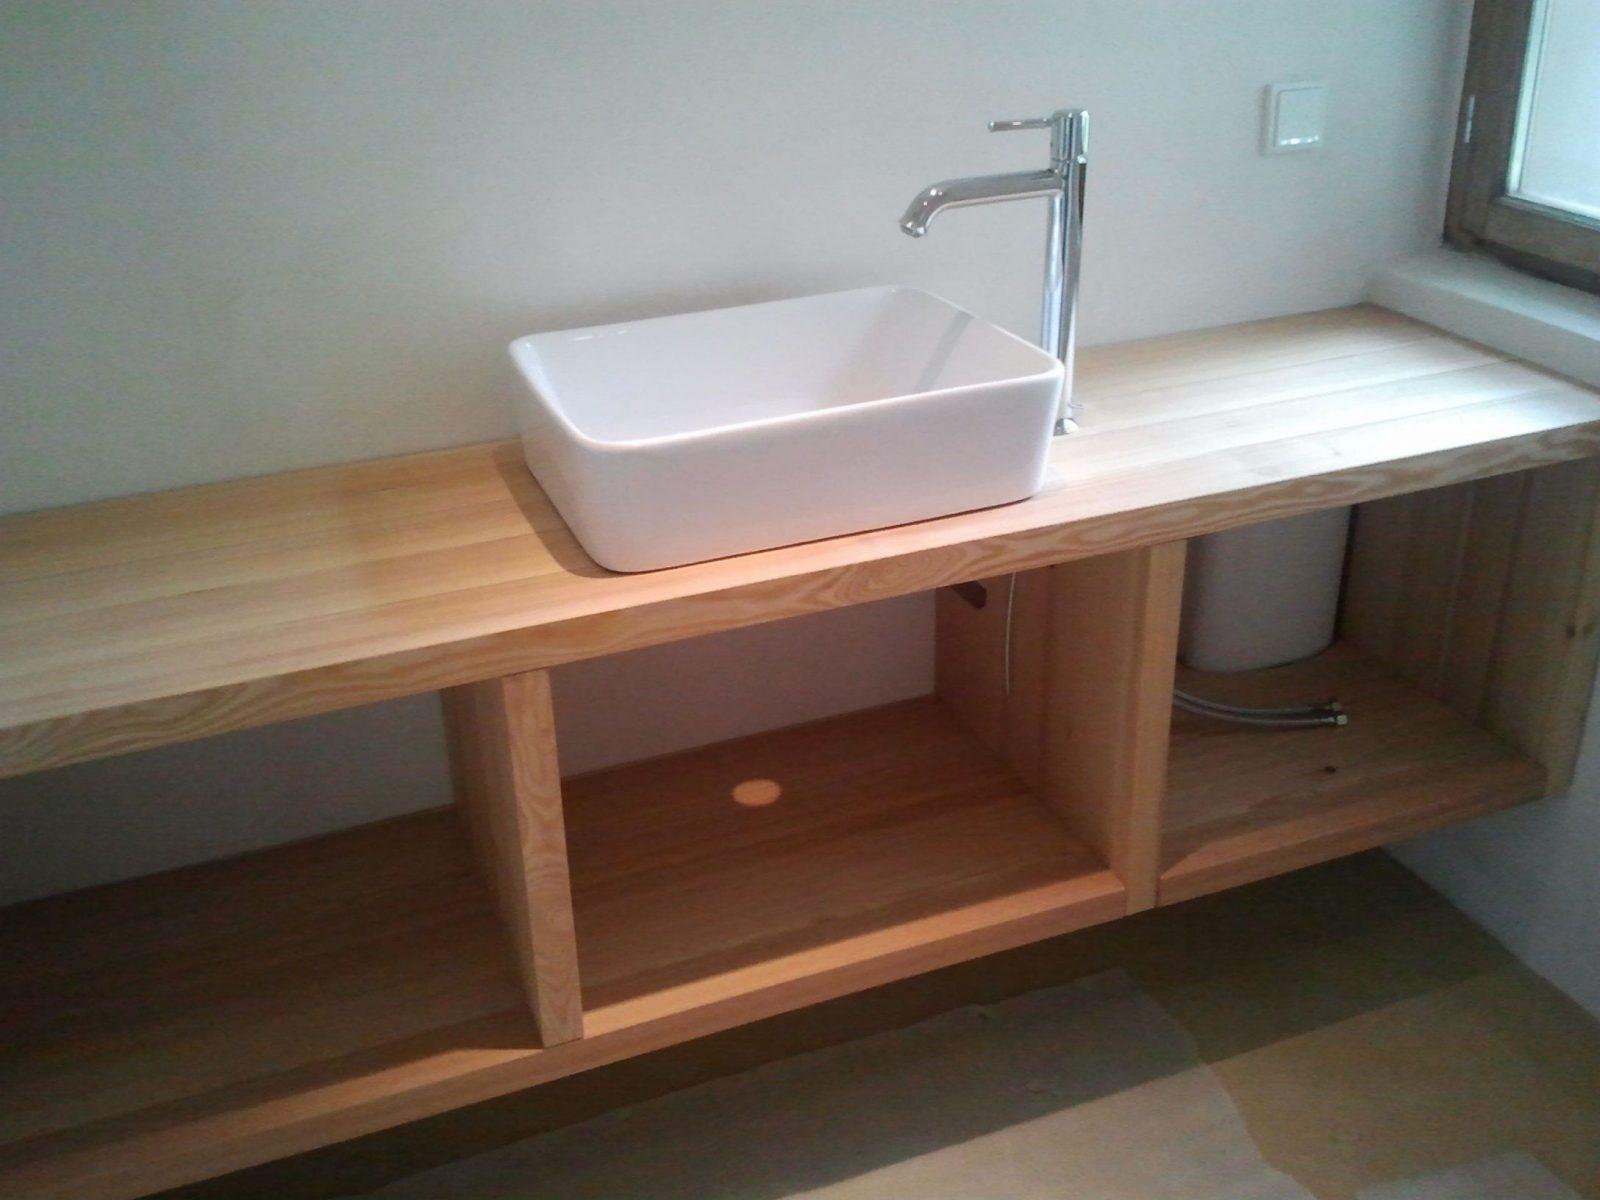 Waschbeckenunterschrank Holz Selber Bauen  Haus Design Ideen